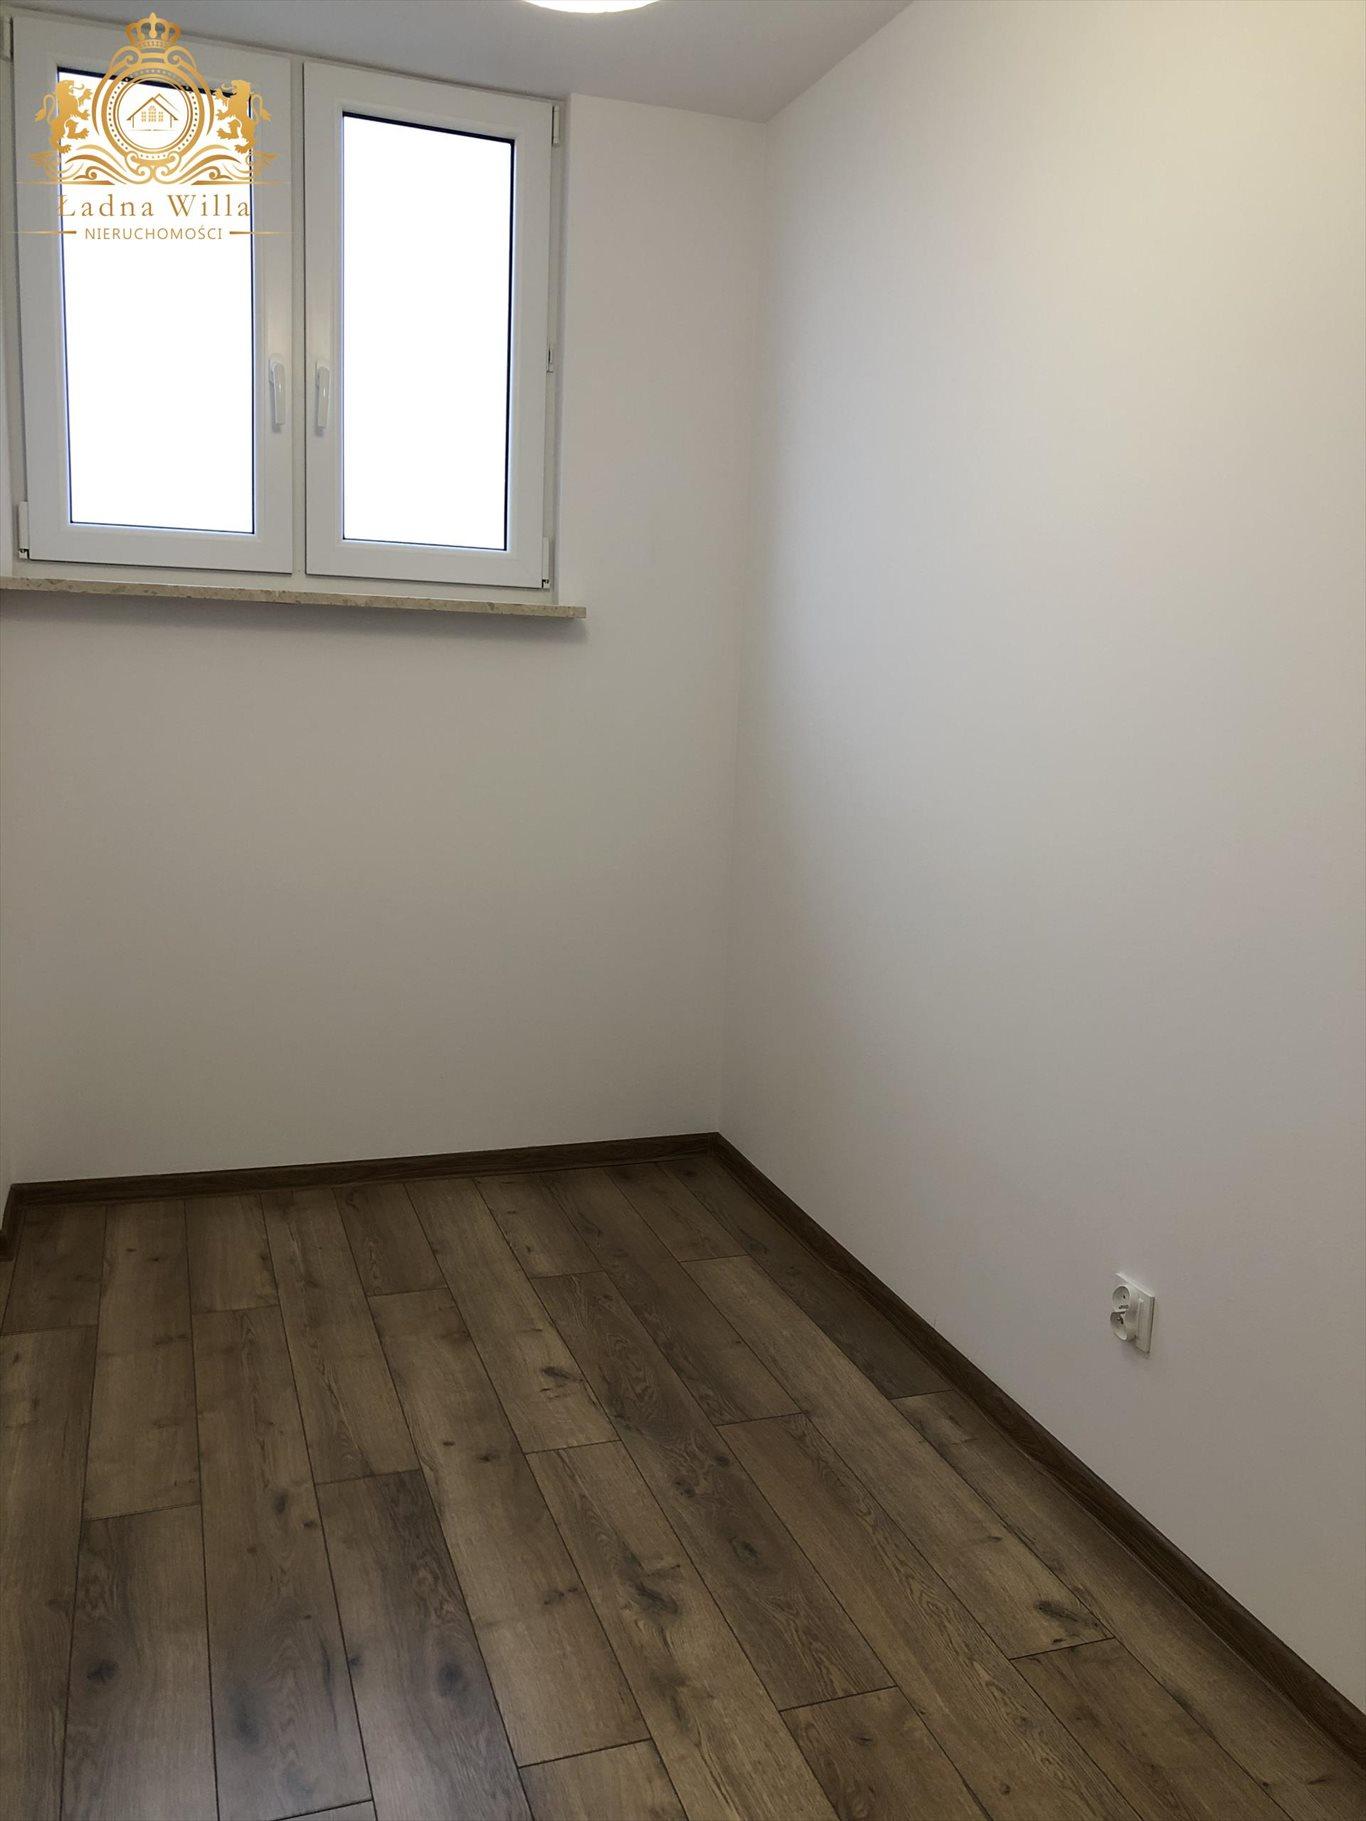 Mieszkanie trzypokojowe na sprzedaż Warszawa, Praga Północ, Siedlecka  37m2 Foto 13